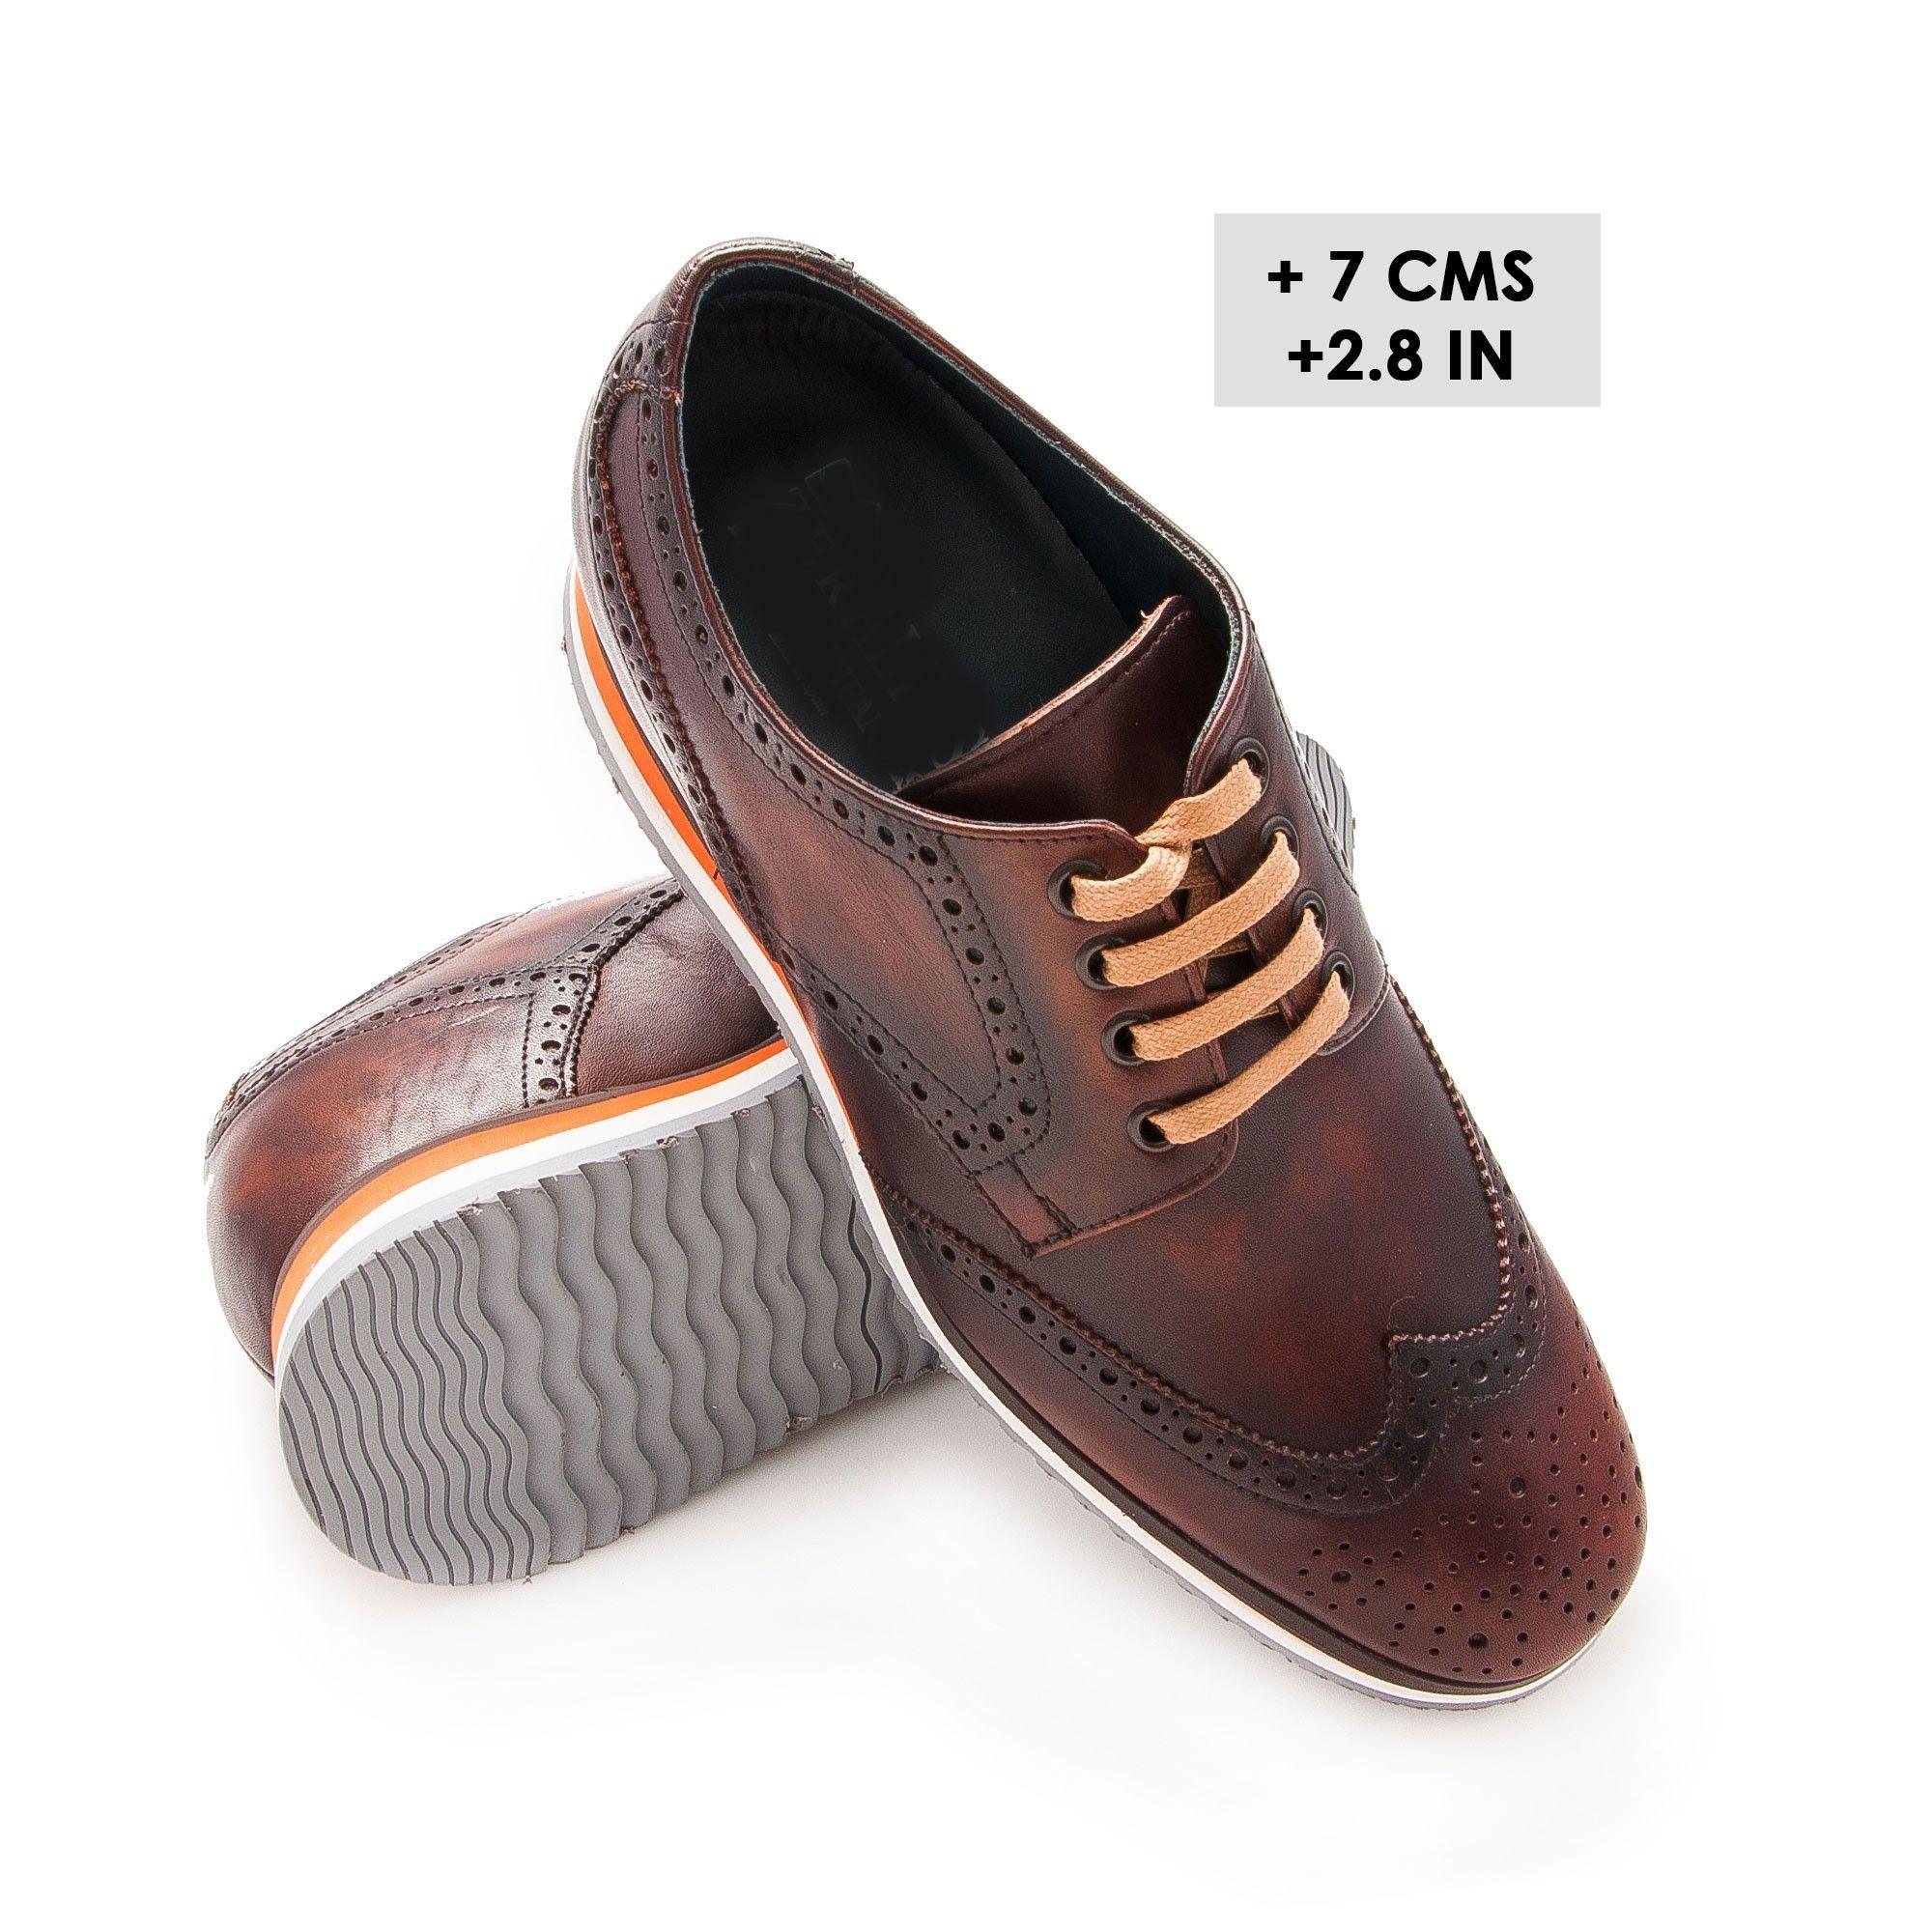 2ee7d11c ZAPATOS CON ALZAS INTERIORES PARA CABALLEROS. +7 cms. | Zapatos con ...